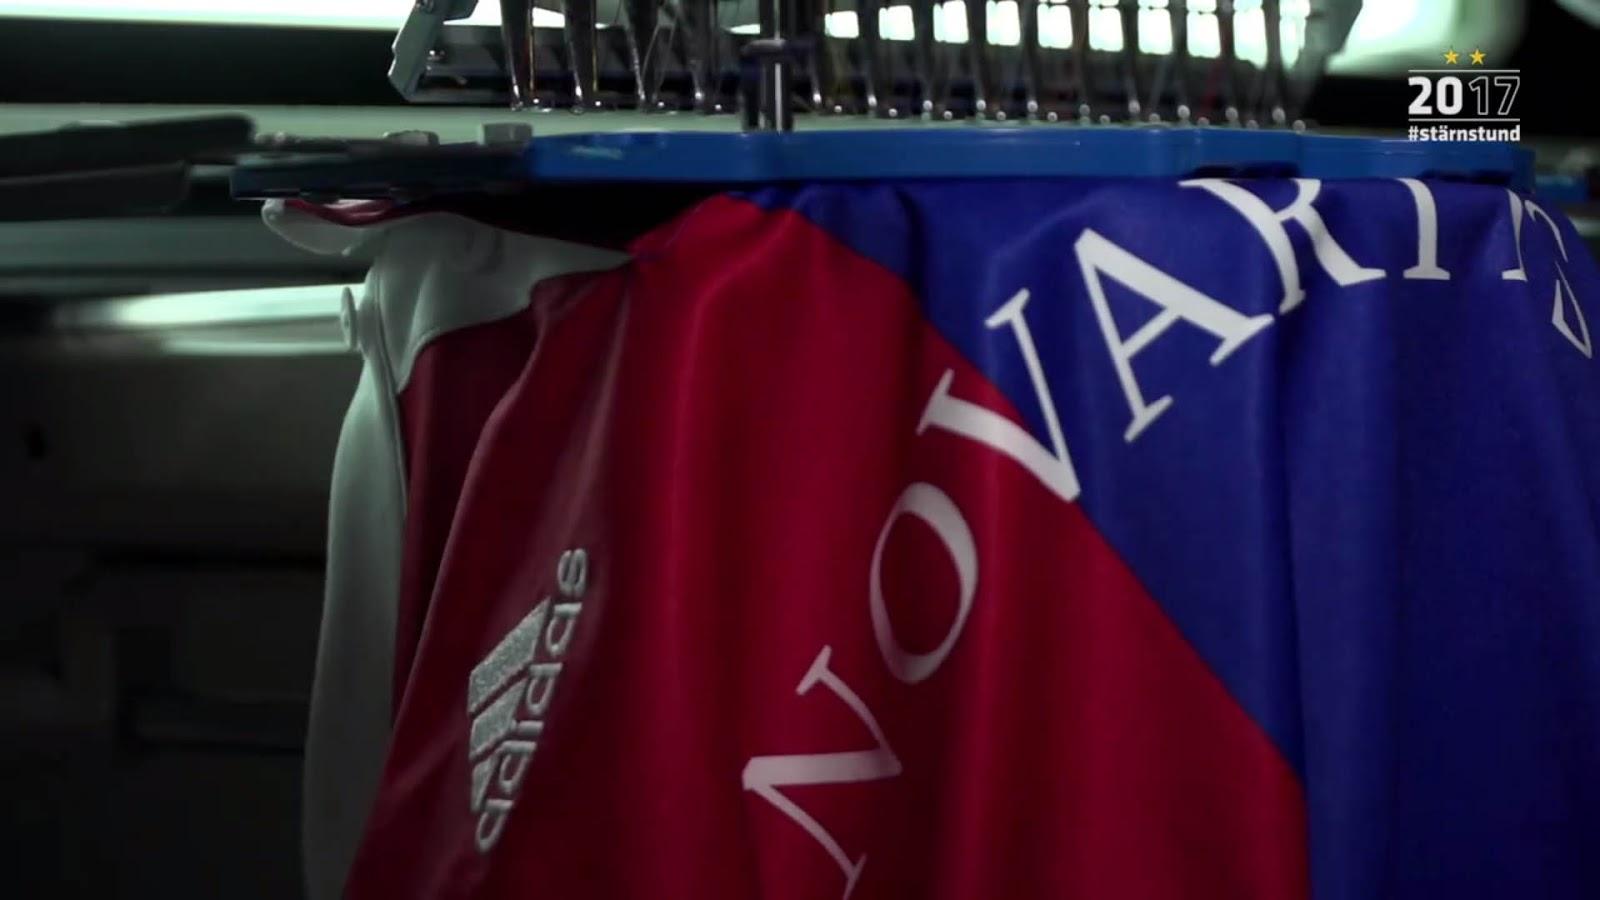 basel-17-18-kit-shirt